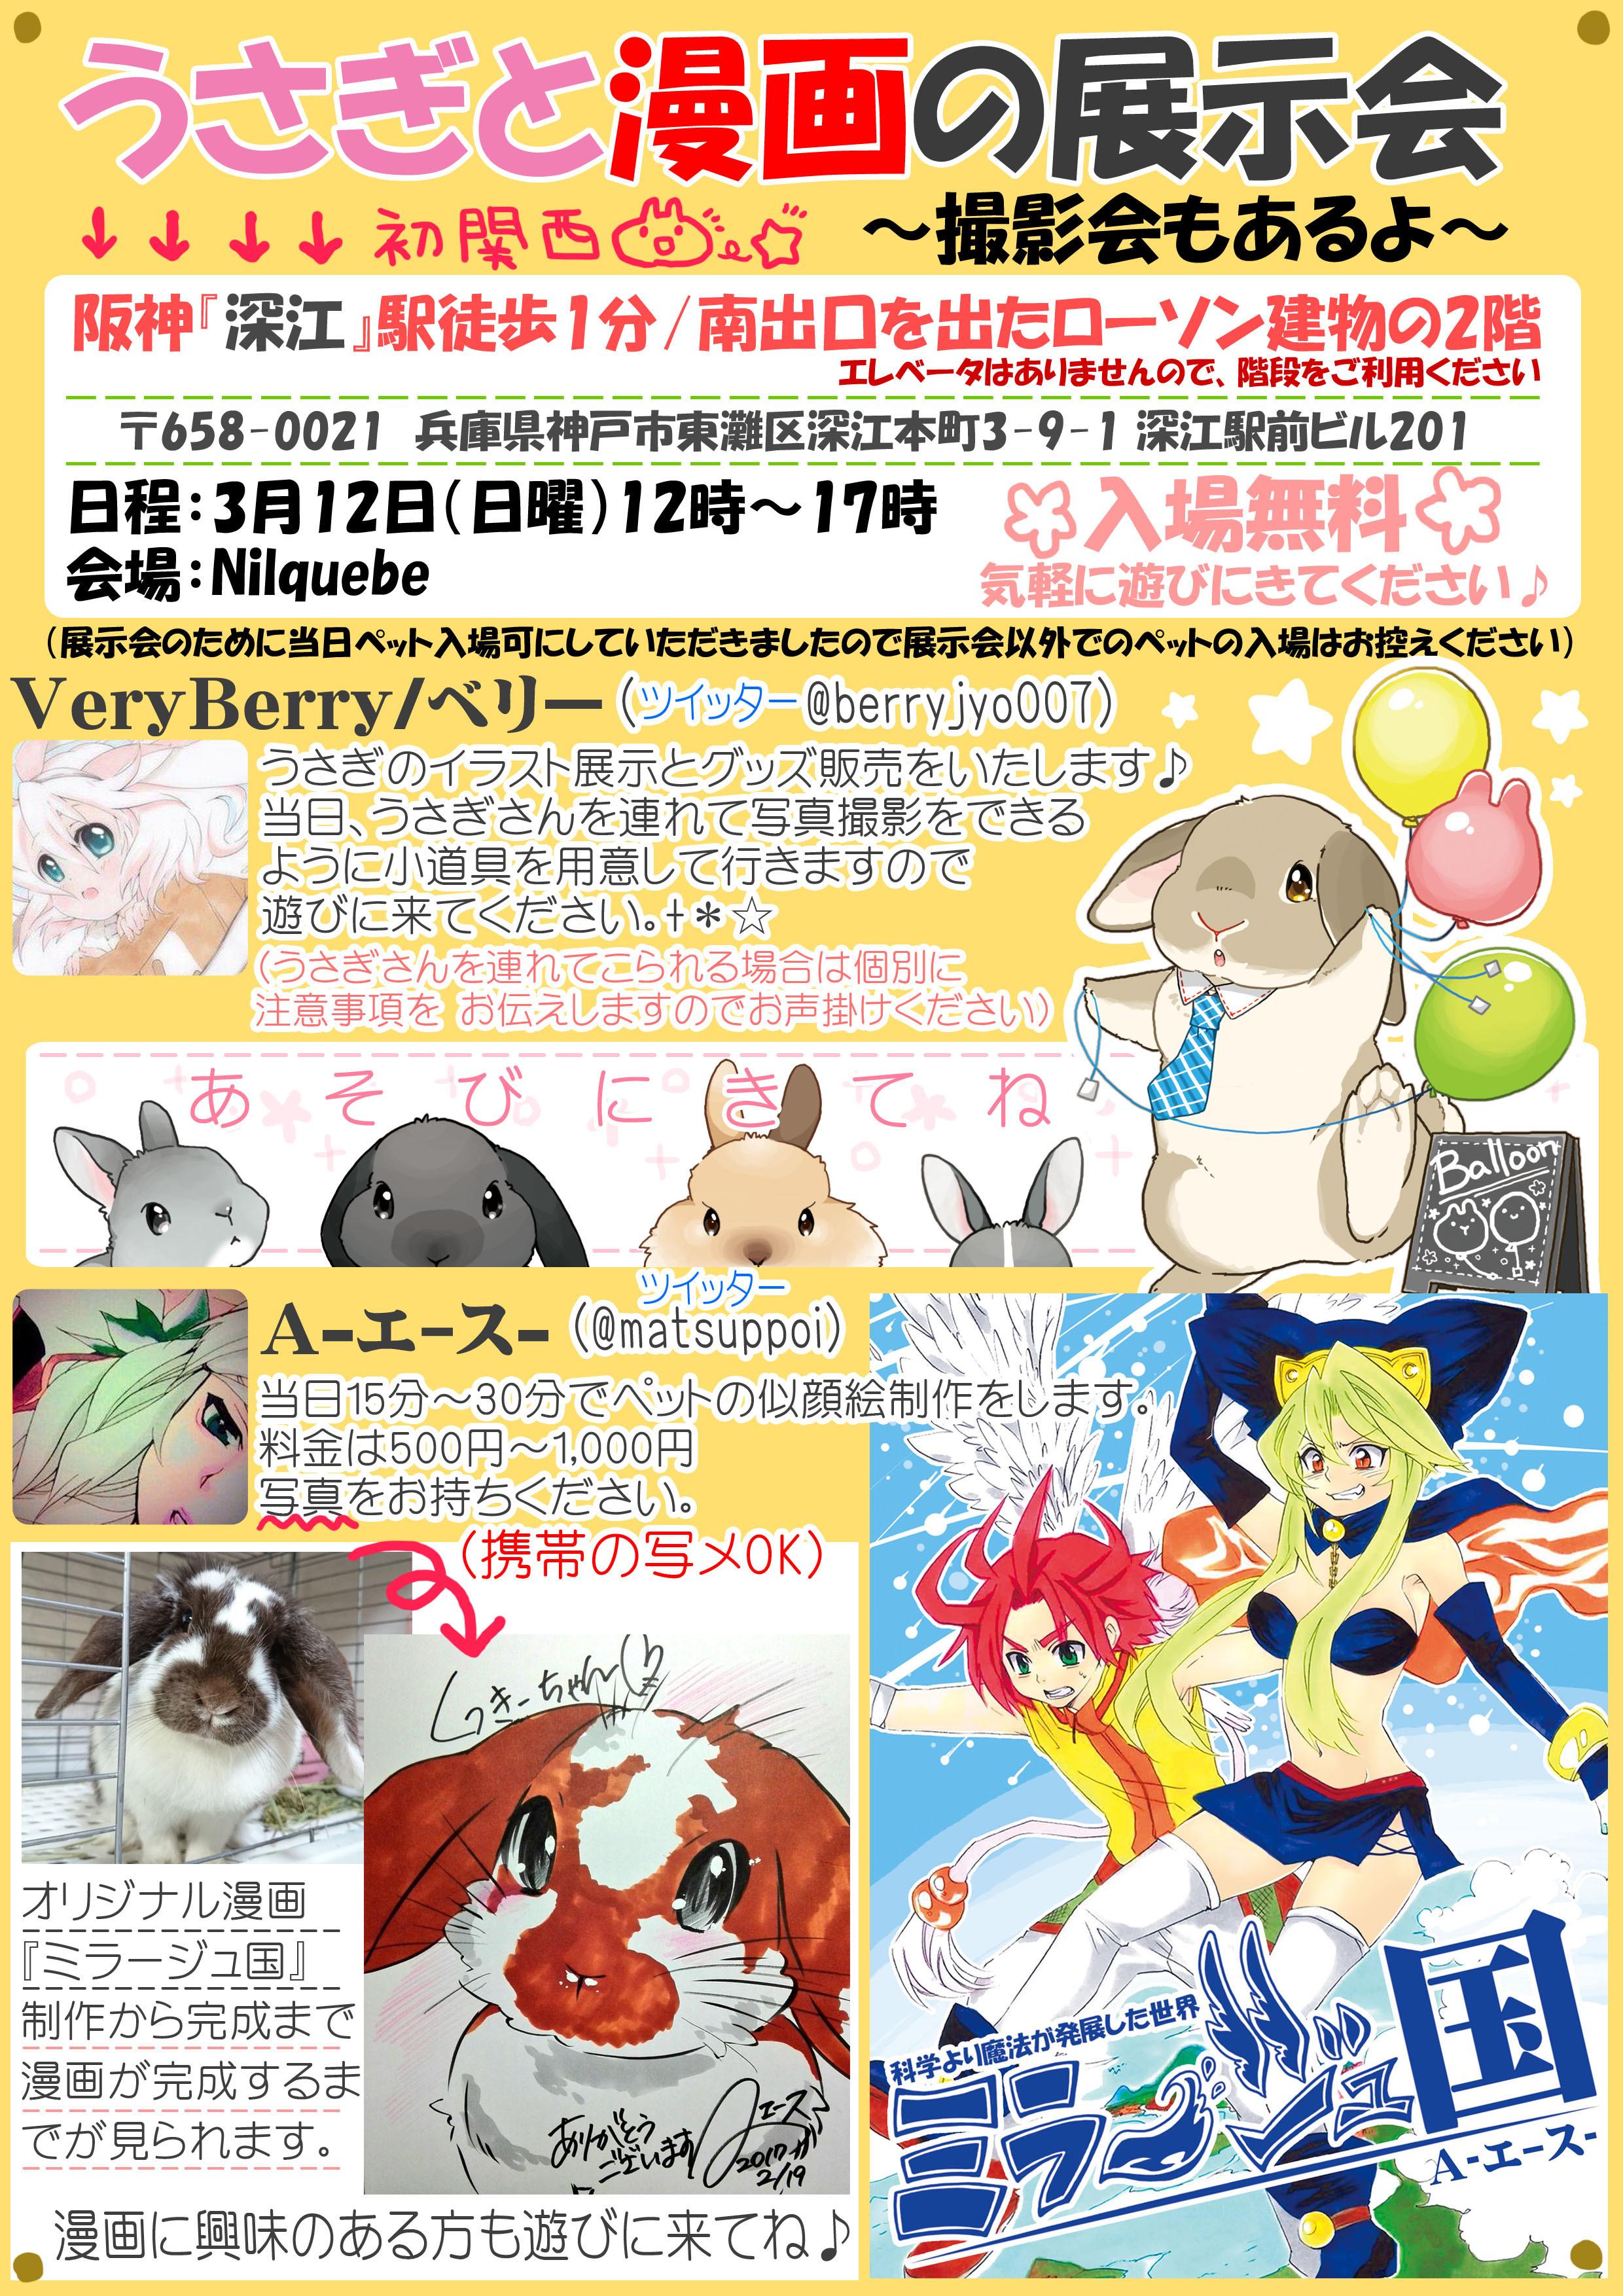 神戸・深江で3月12日に「うさぎと漫画の展示会」が開催されるよ【※写真付イベント告知】